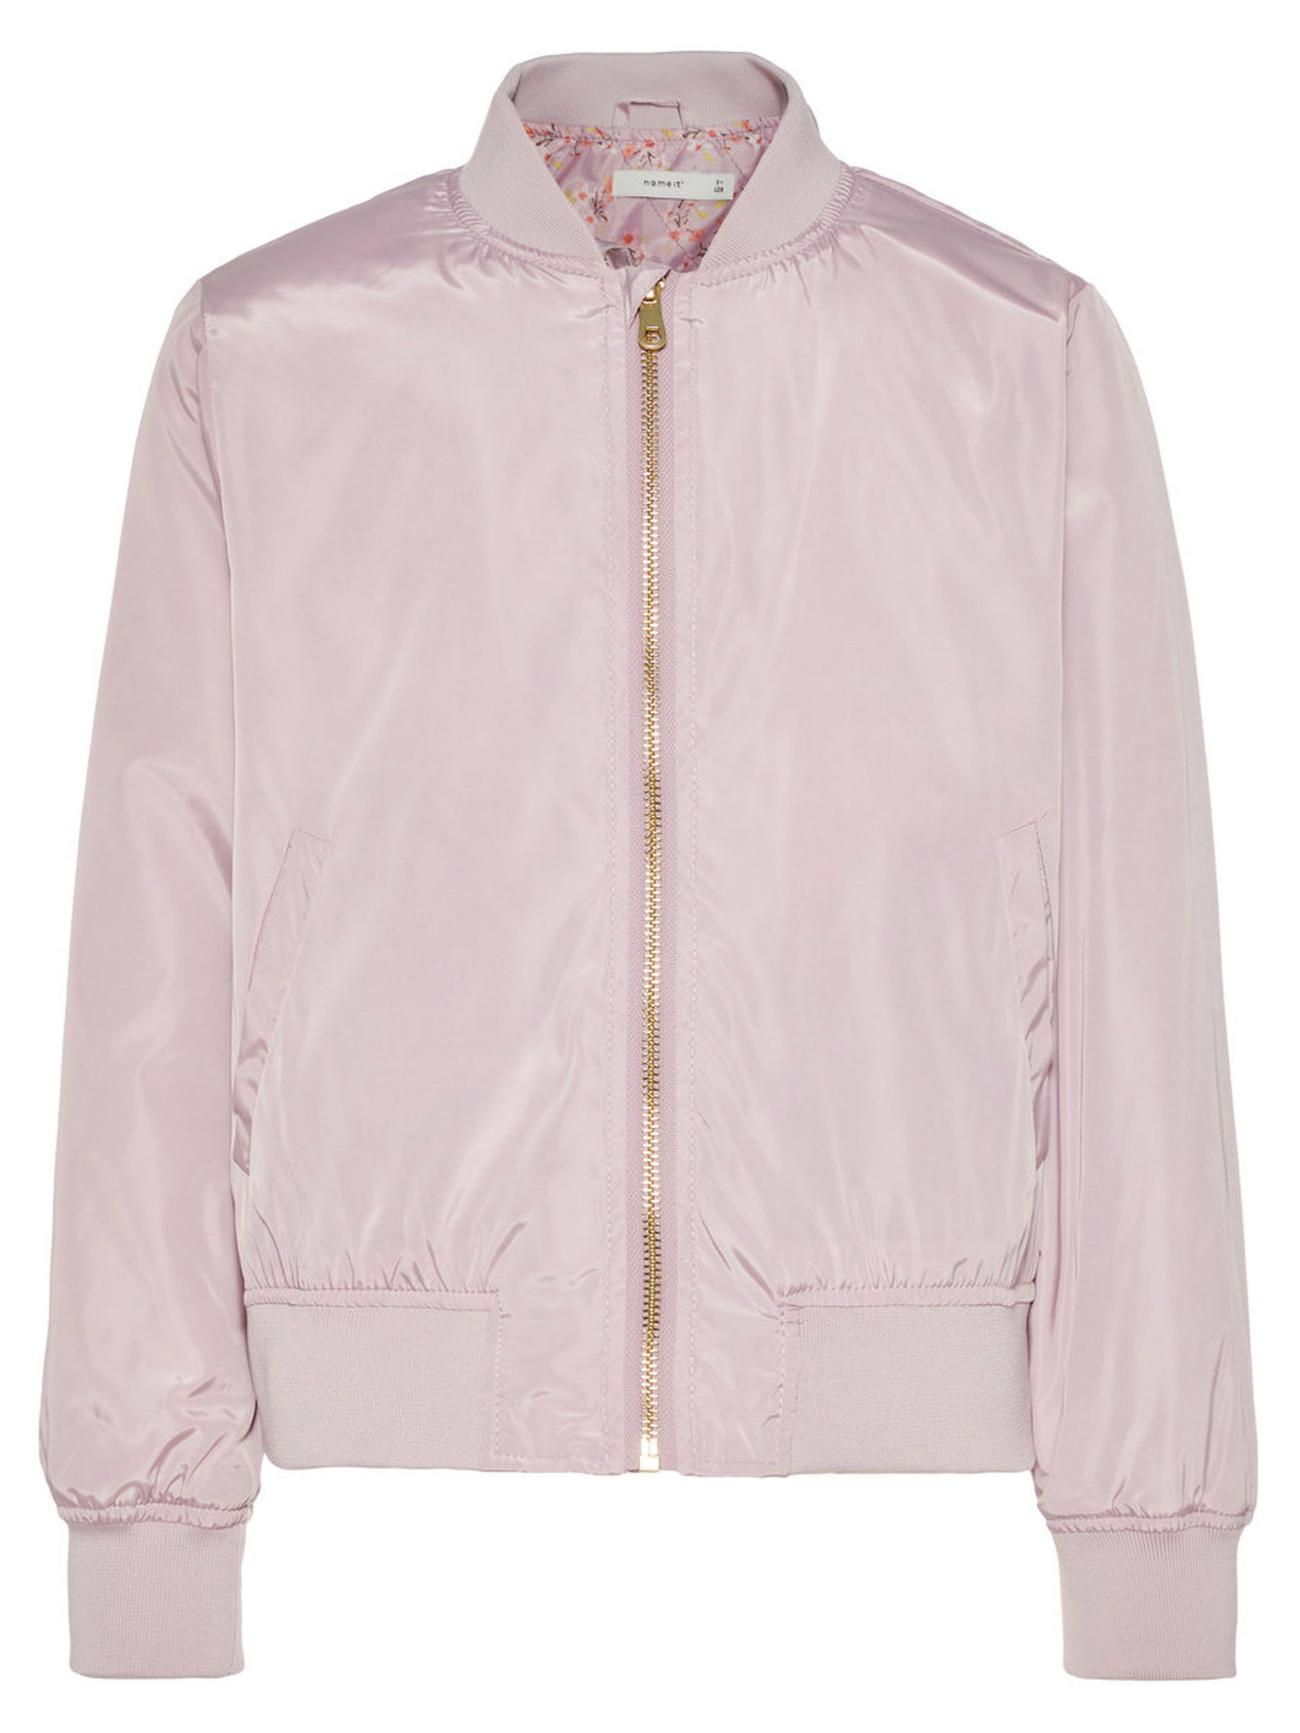 5353315c Maryam Bomber Jacket Dawn Pink Barn Name it - SMILE.